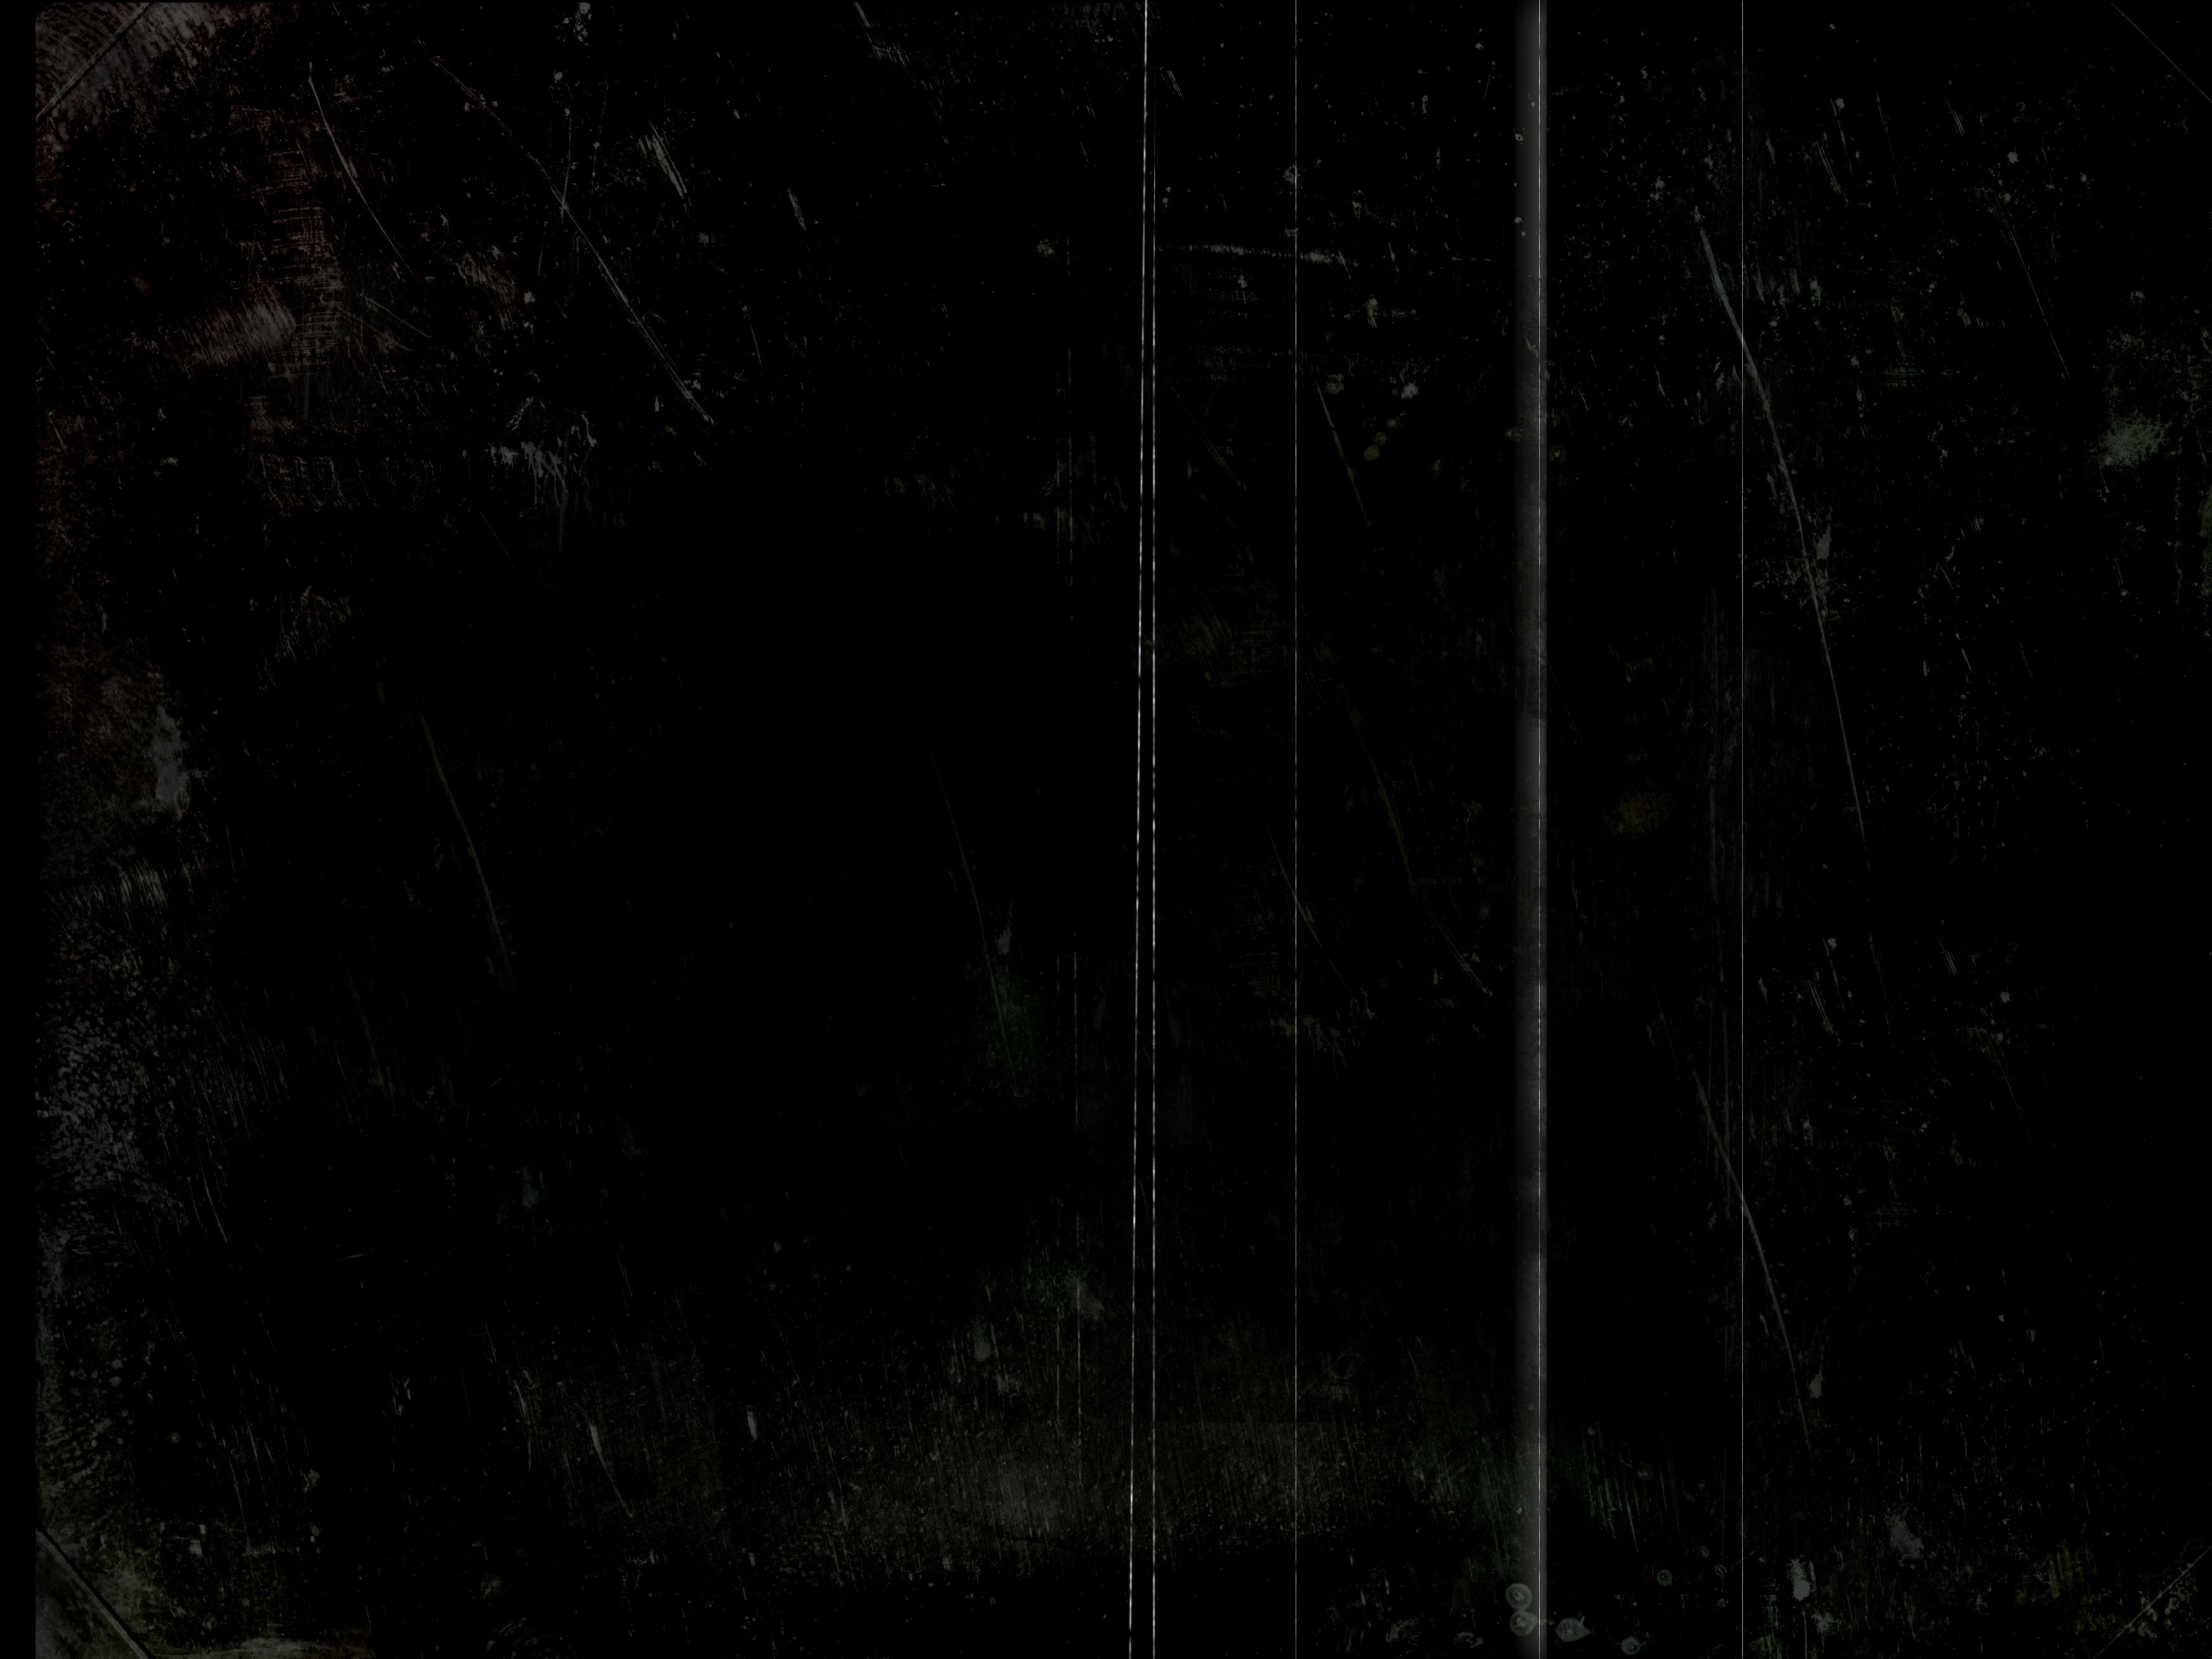 http://fc05.deviantart.net/fs70/f/2010/244/8/f/film_scratch_texture_by_struckdumb-d2xr6bu.jpg